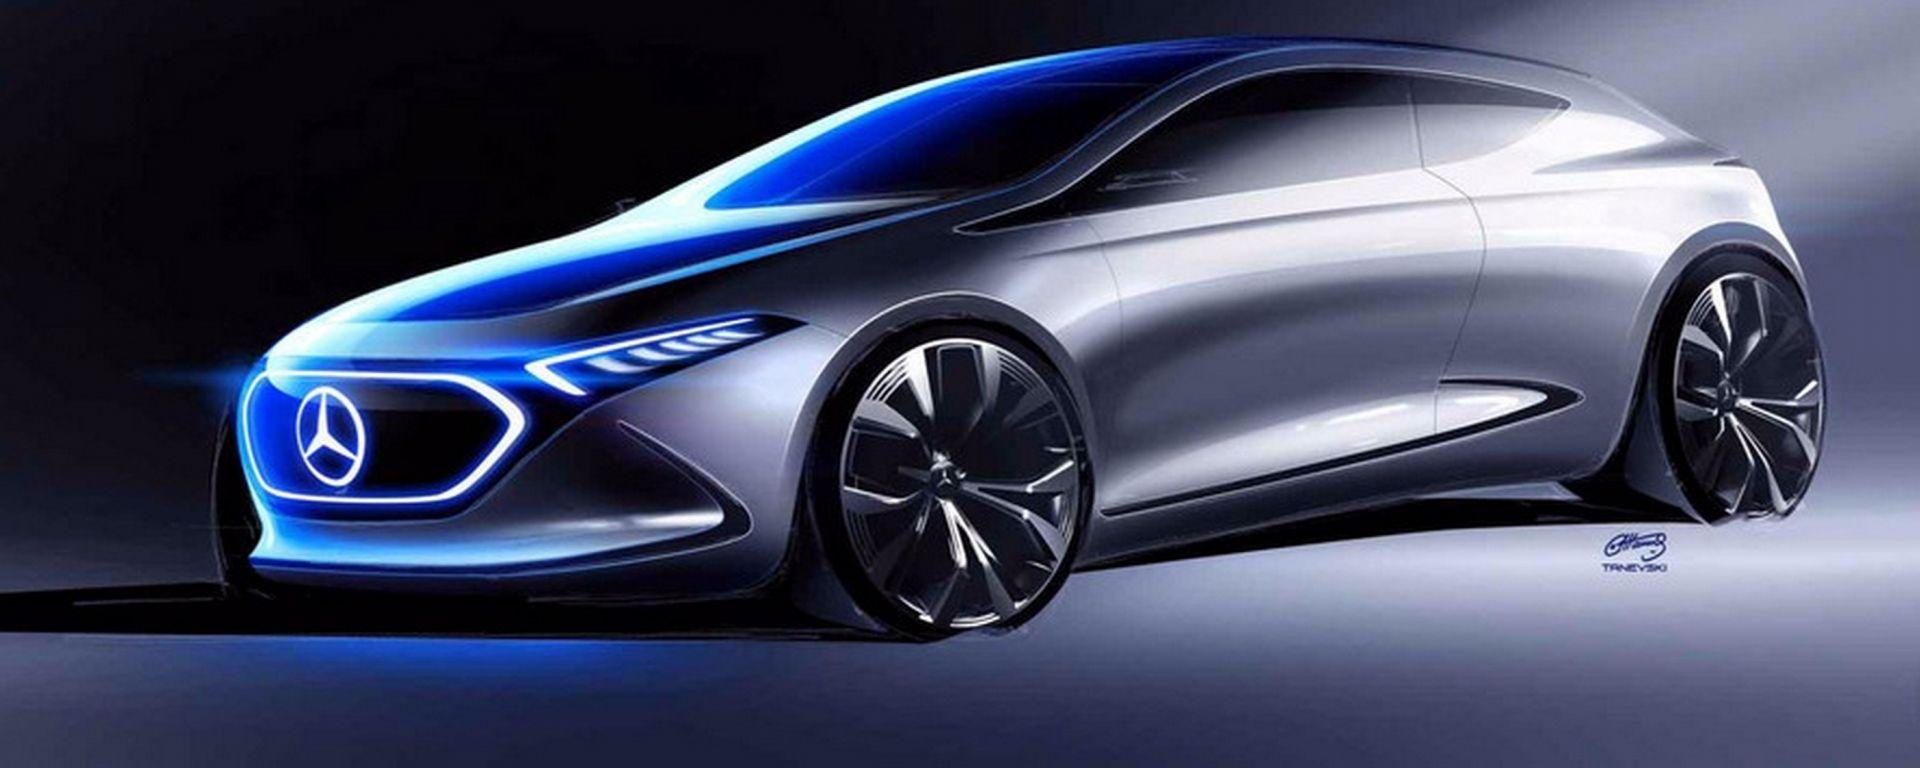 La Mercedes EQ A, concept elettrico presentato in occasione dell'ultimo Salone di Francoforte